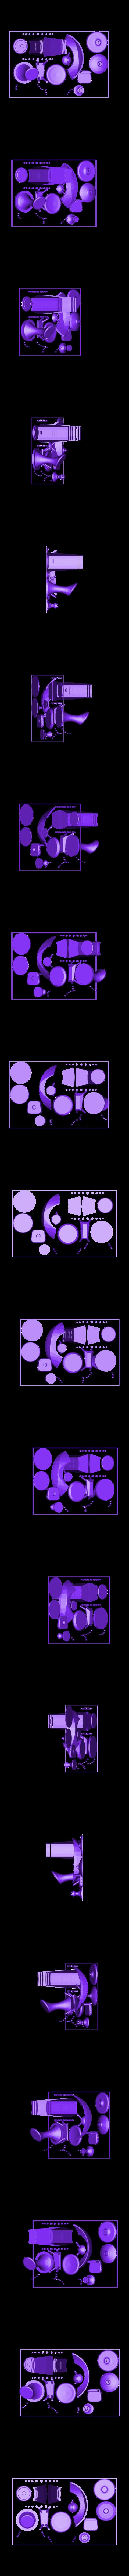 SciFi_Plate_2_Black.stl Télécharger fichier STL gratuit Plaques d'impression SciFi Playset • Objet à imprimer en 3D, gabutoillegna56